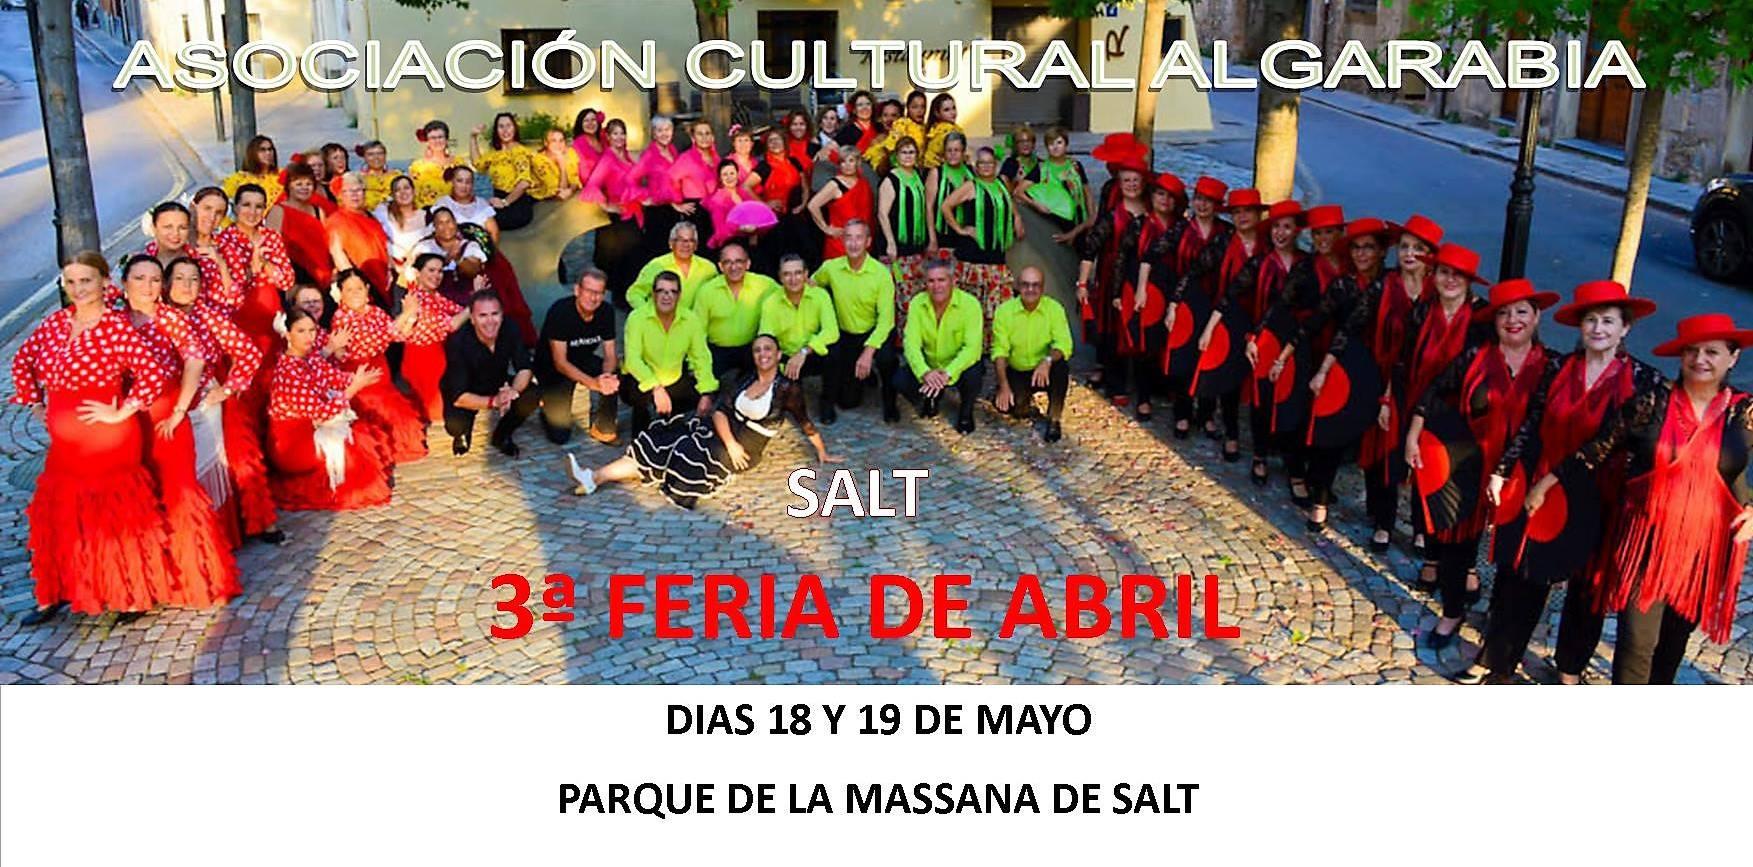 Feria Abril Salt Algarabia